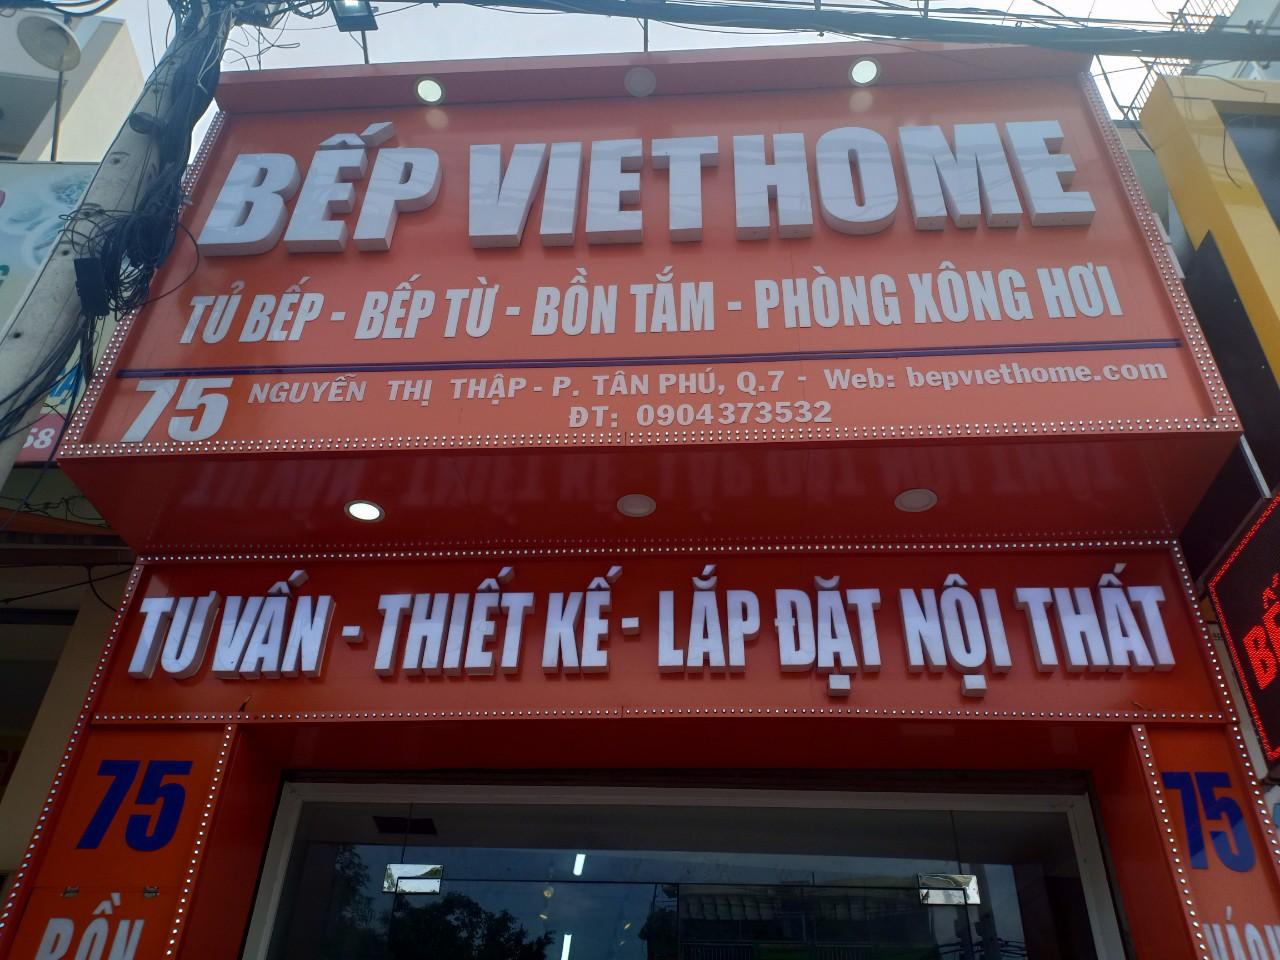 Cửa hàng Viethome tại Quận 7